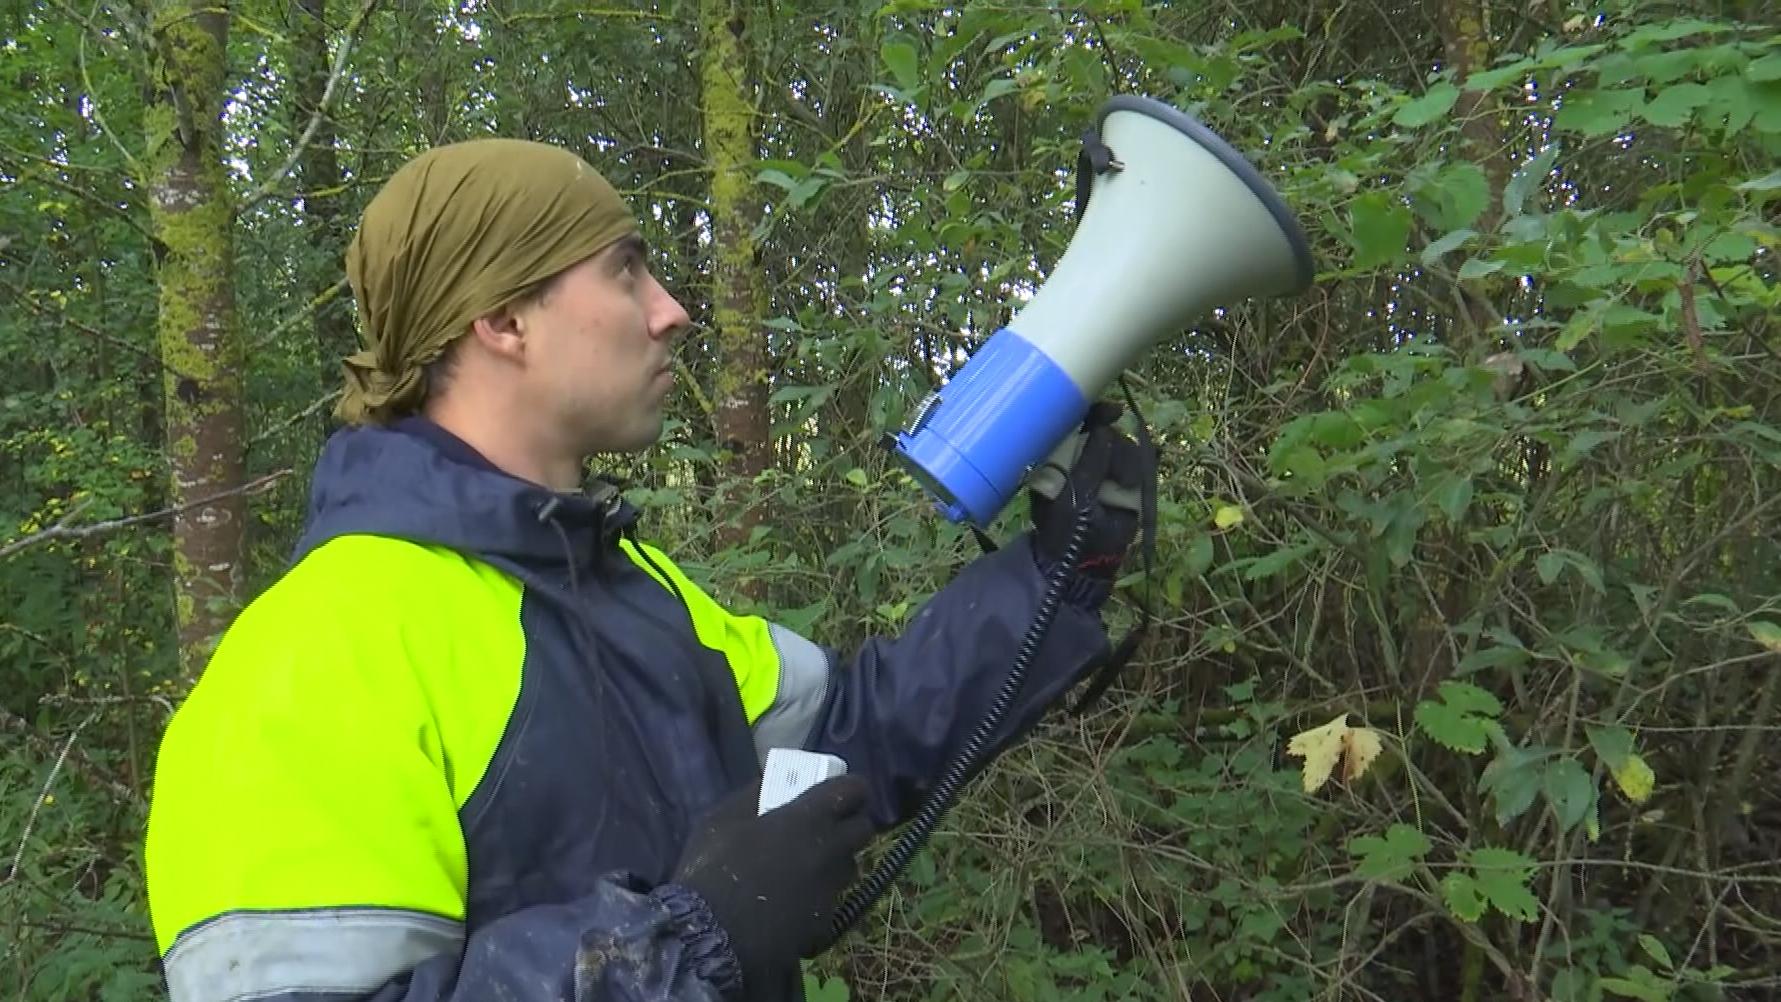 mchs - С начала года спасатели области вывели из леса более двух десятков заблудившихся (видео)